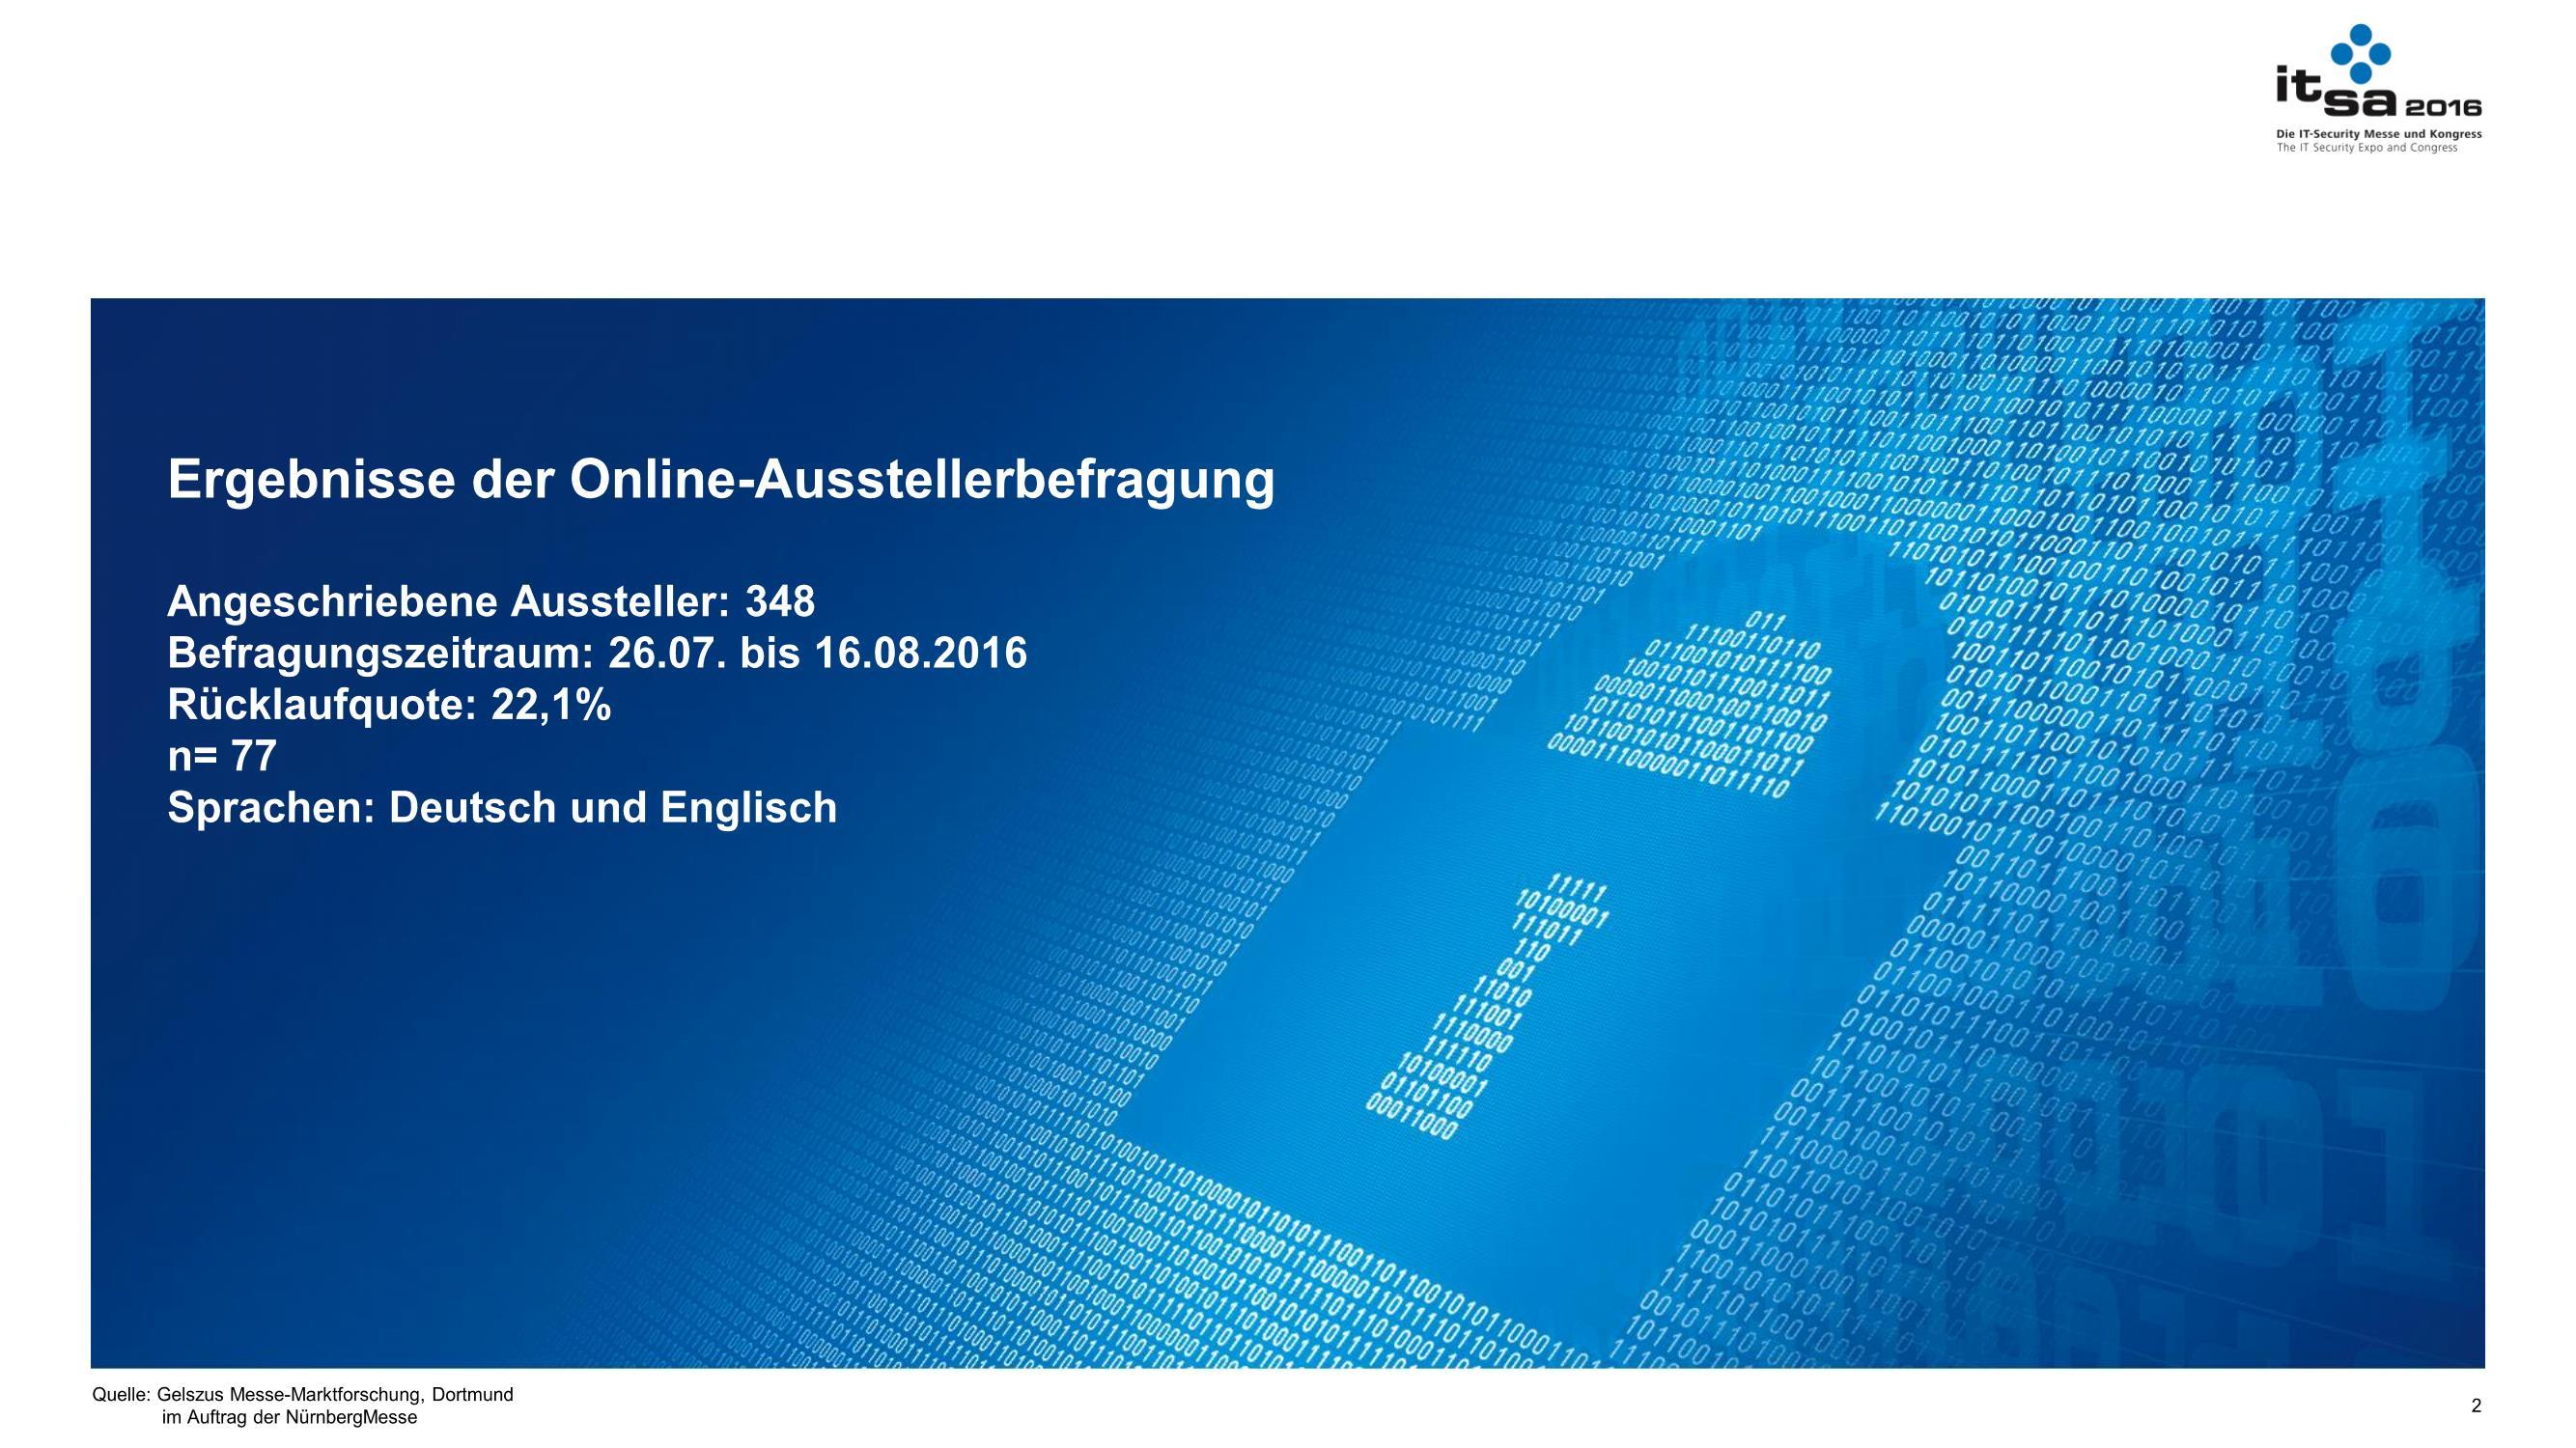 chartreport-it-sa-2016-online-ausstellerbefragung_de_page_2